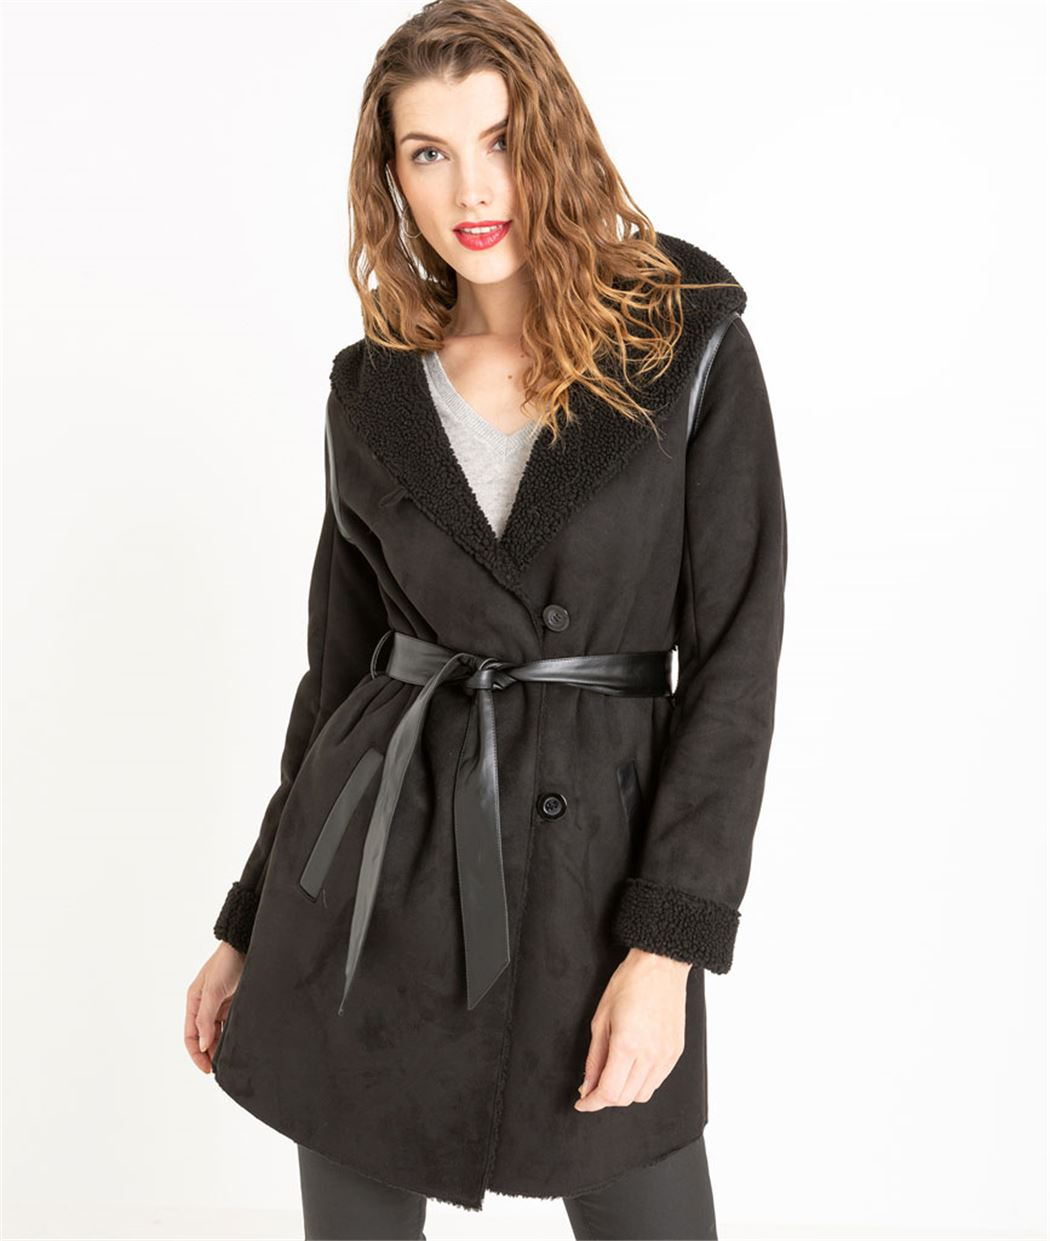 manteau femme effet peau lain e noir grain de malice. Black Bedroom Furniture Sets. Home Design Ideas